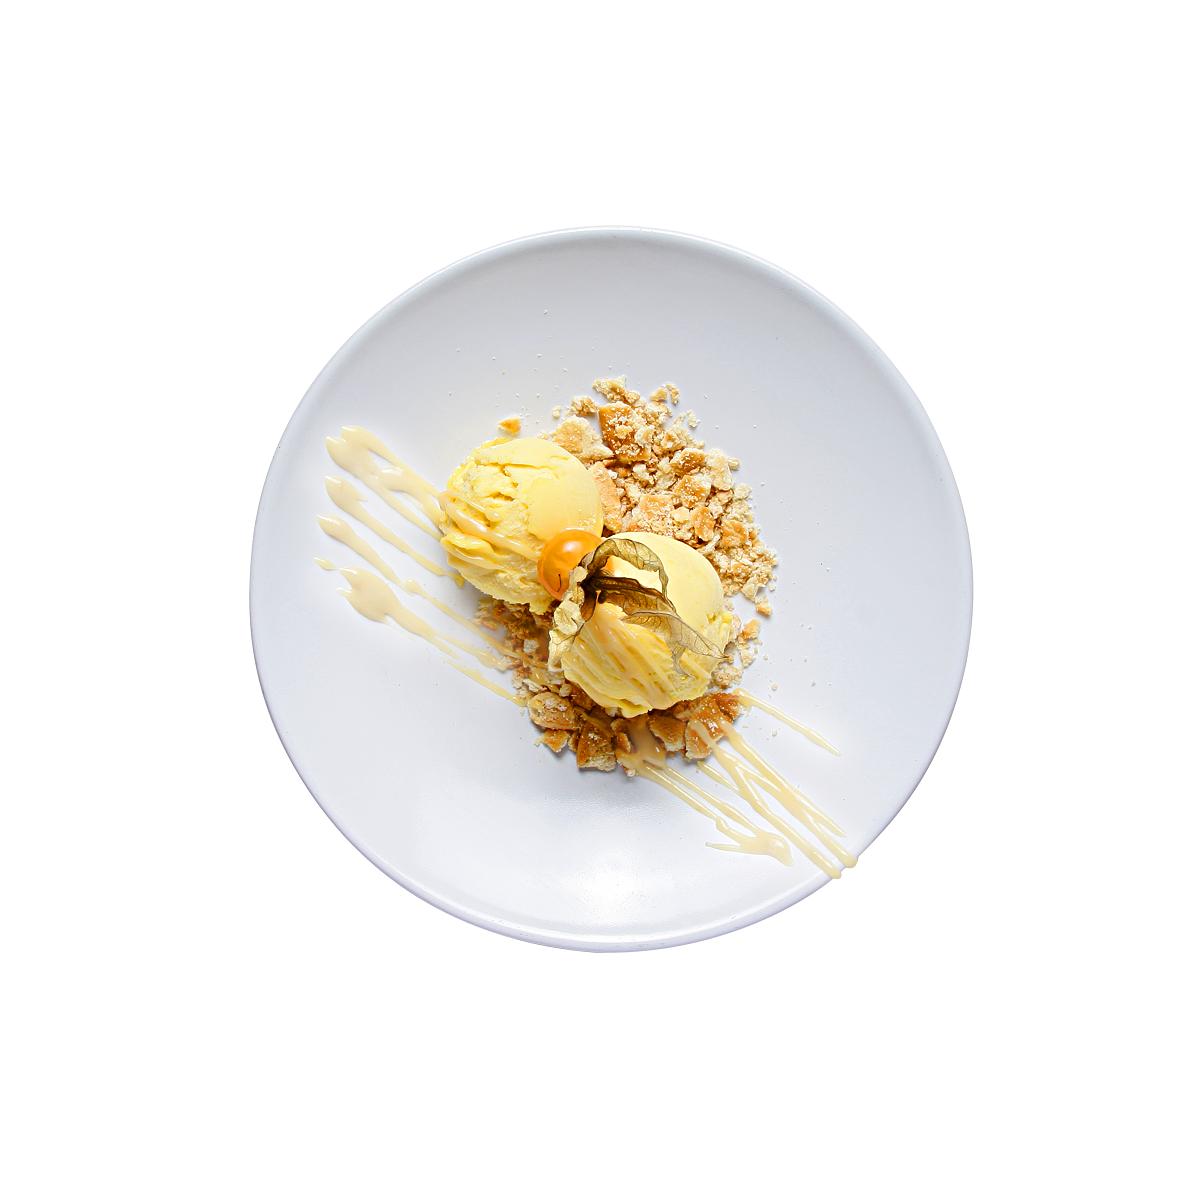 Sorbete de helado de mango La Mafia se sienta a la mesa - Descubre las propuestas más veraniegas de La Mafia se sienta a la mesa